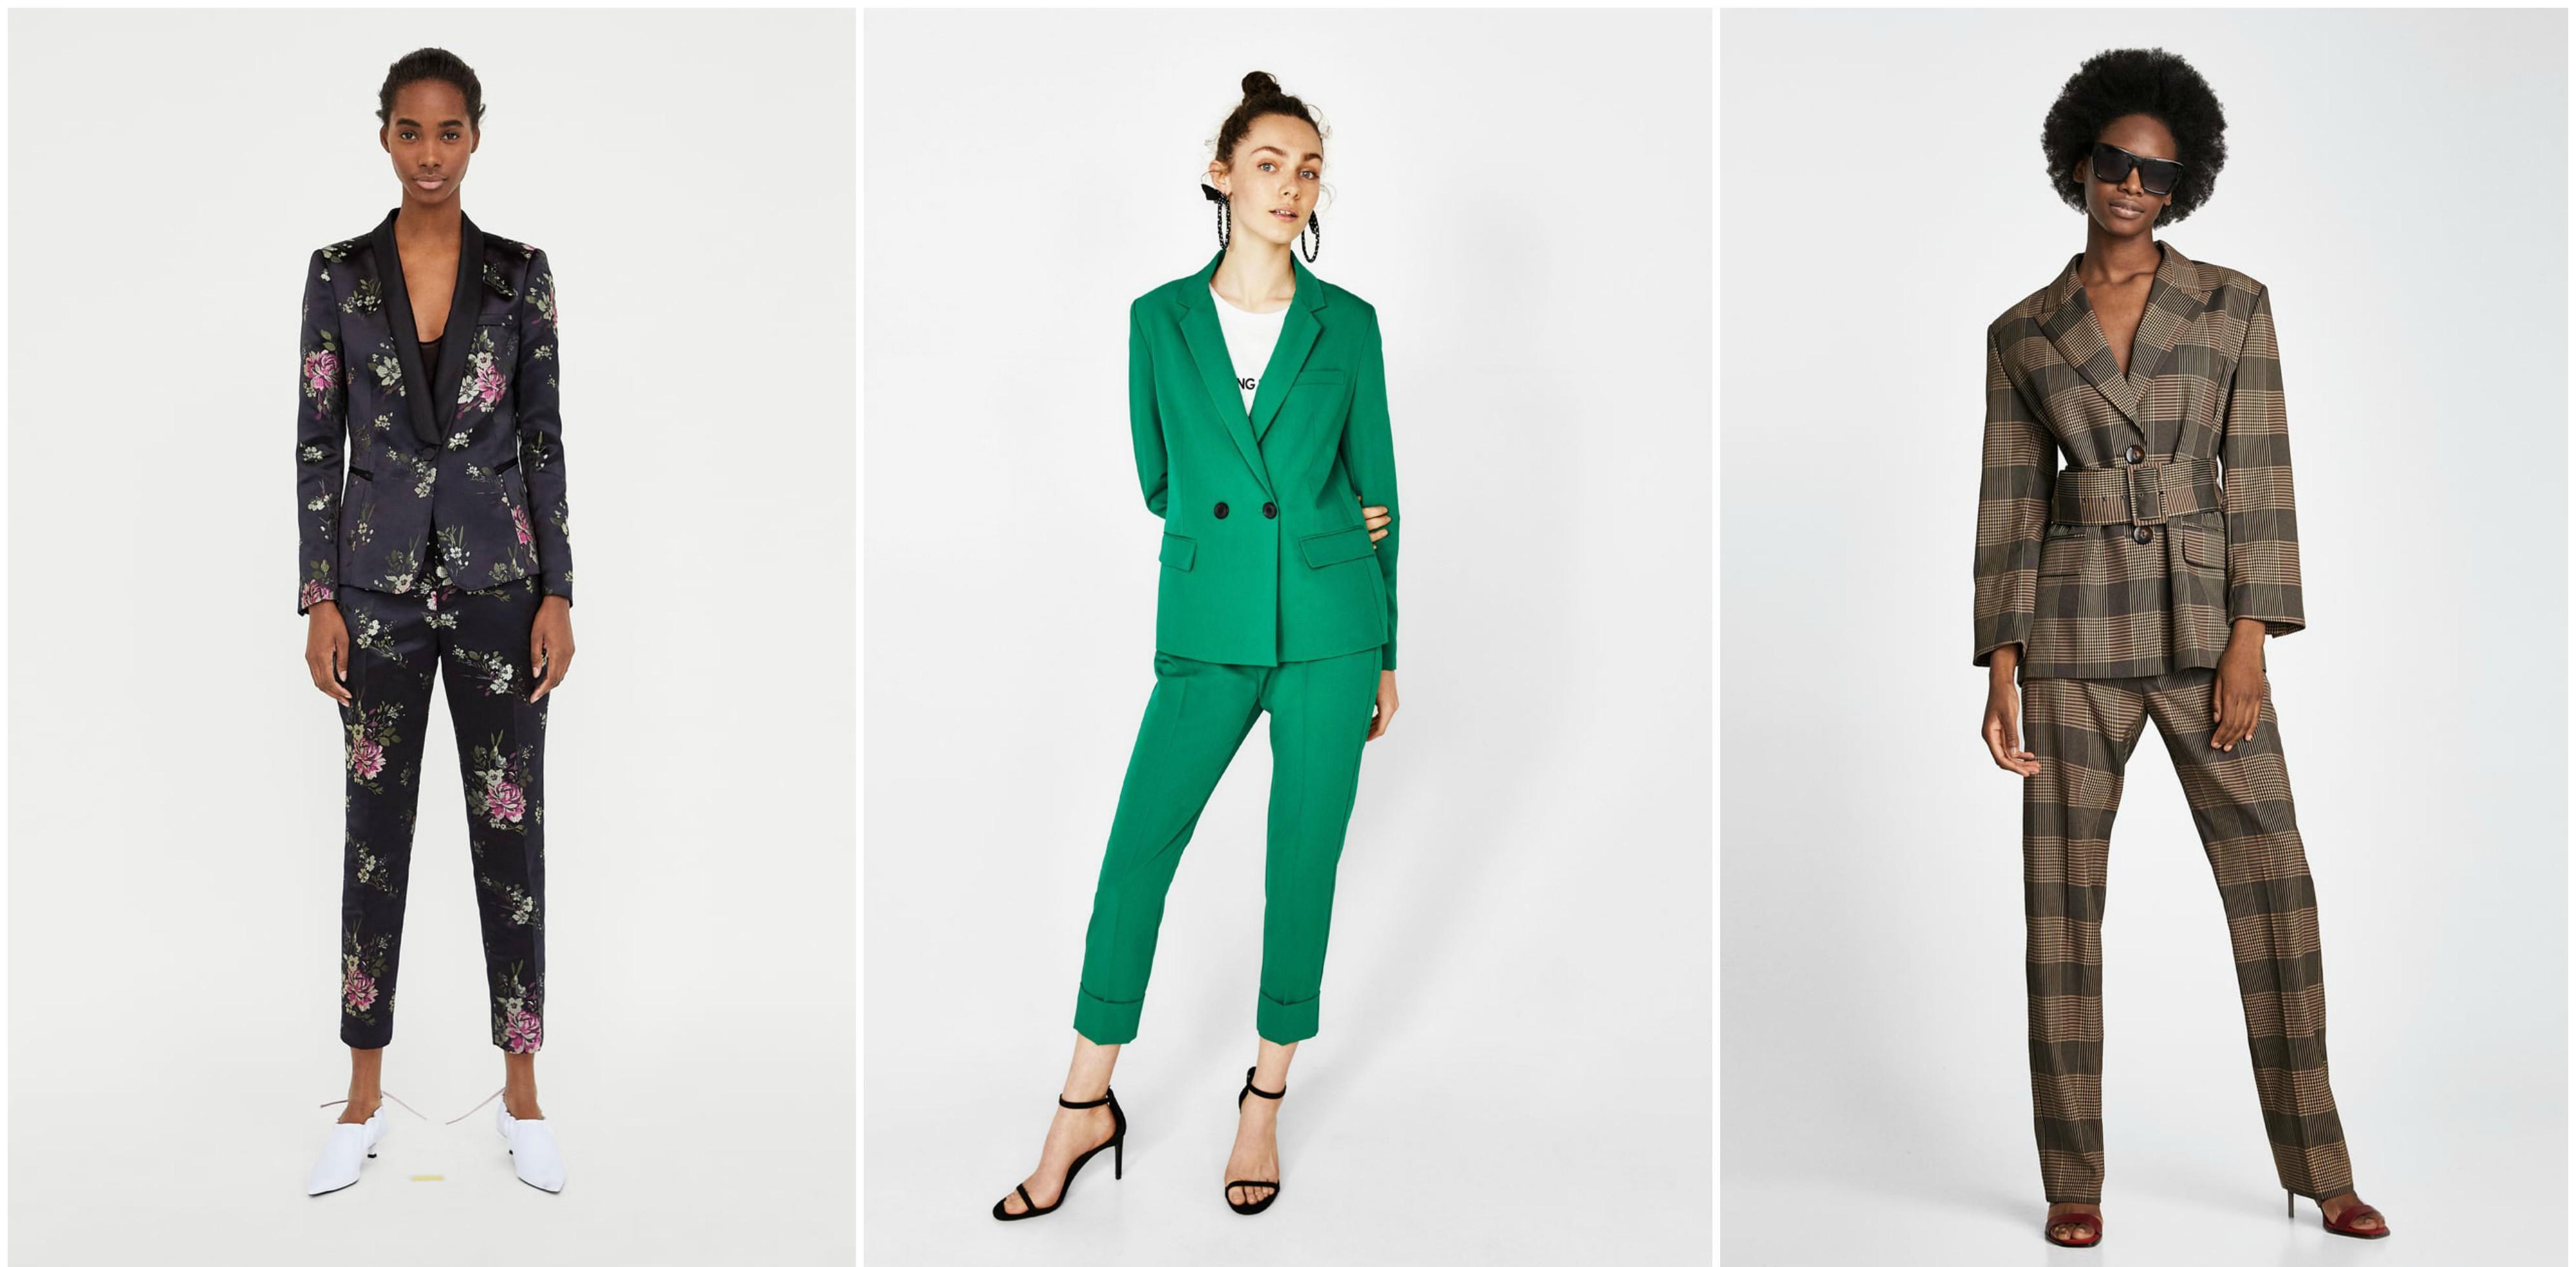 Žene koje vole poslovni look uživat će na proljeće jer business odijela izgleda bolje nego ikad!